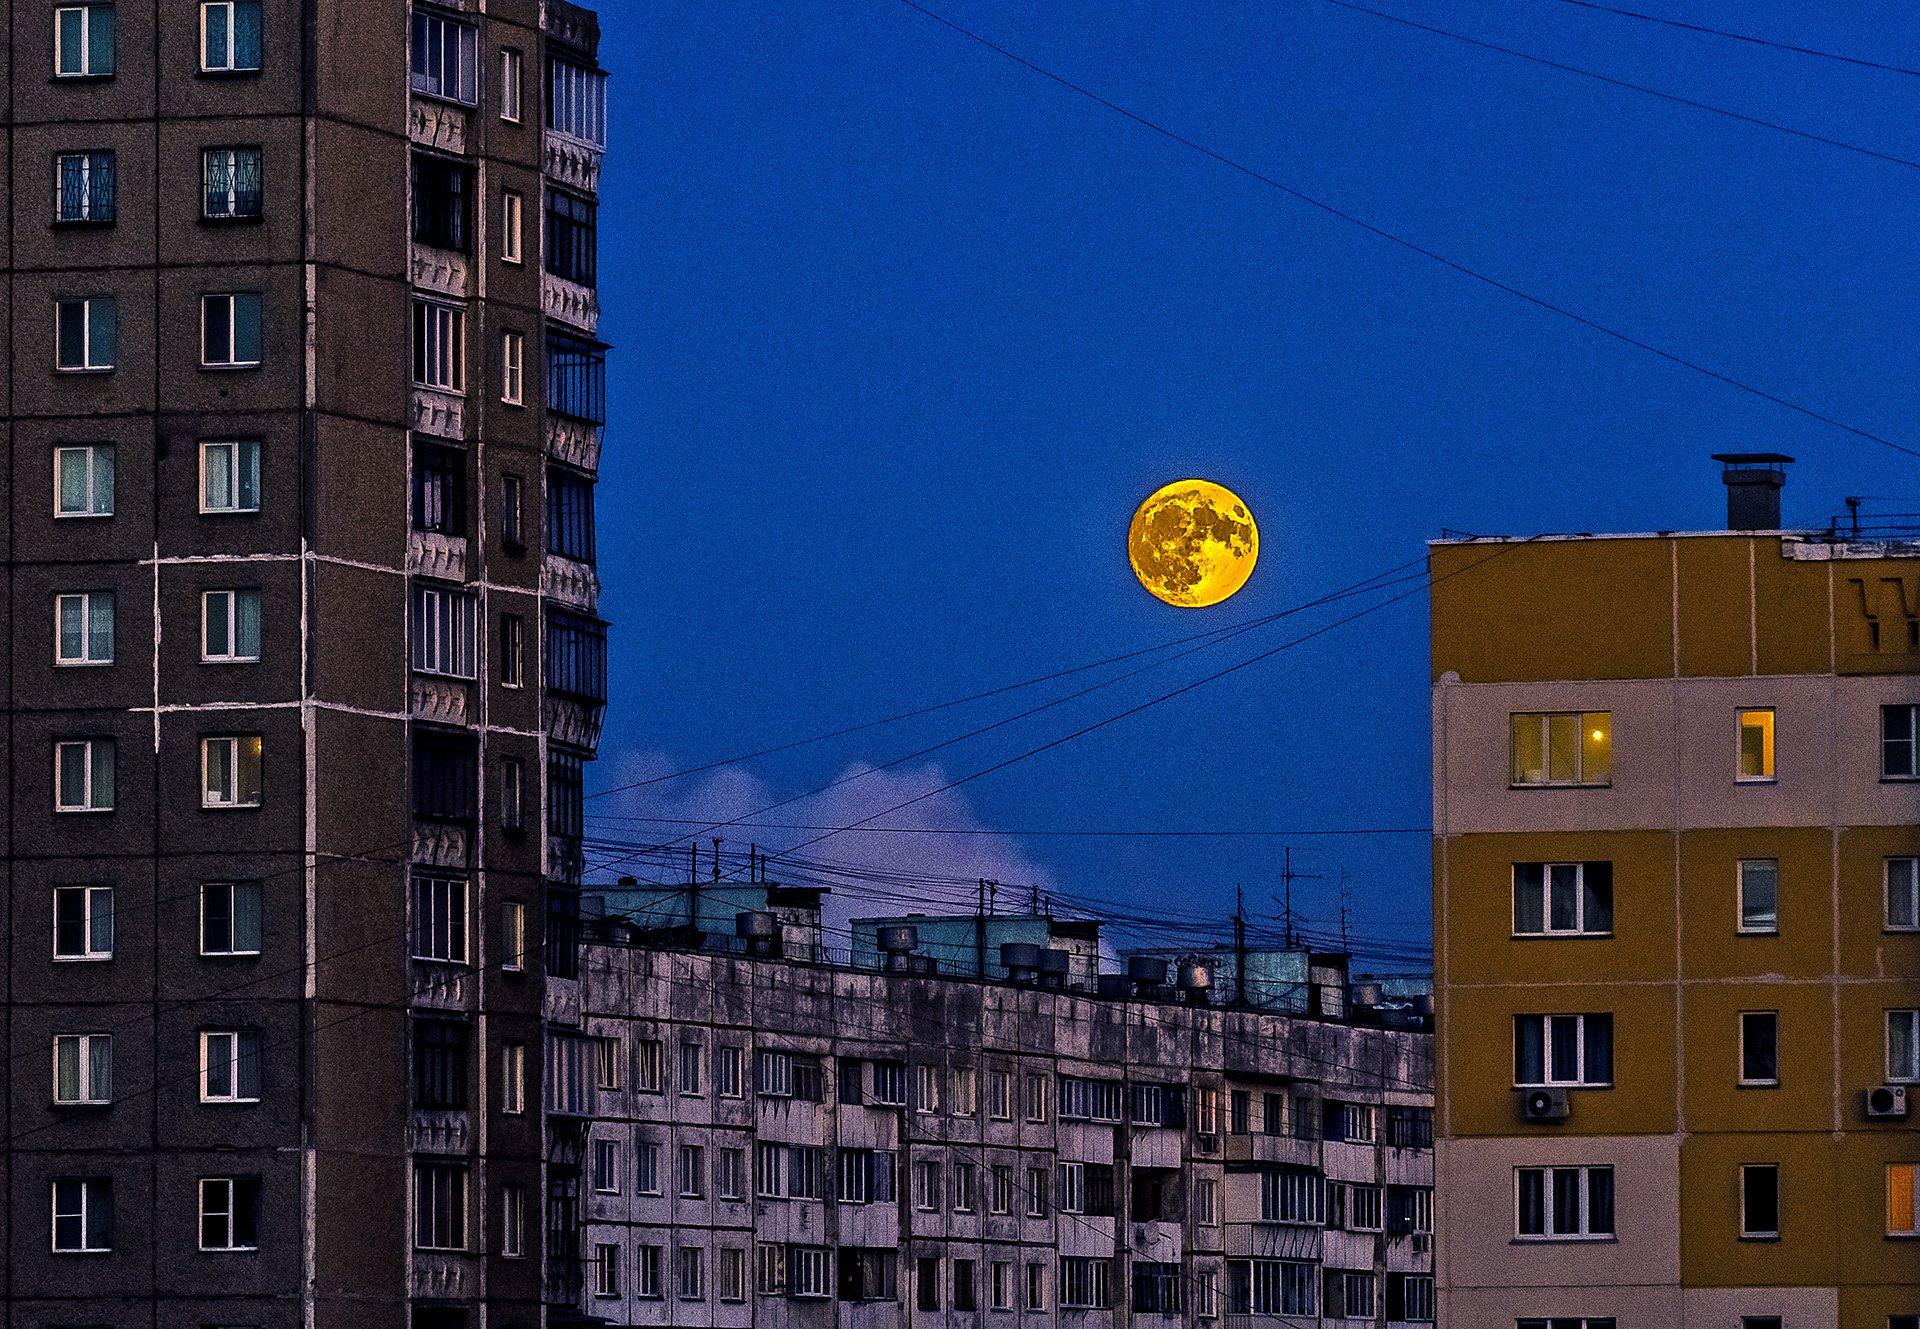 Луна, как ржавый таз